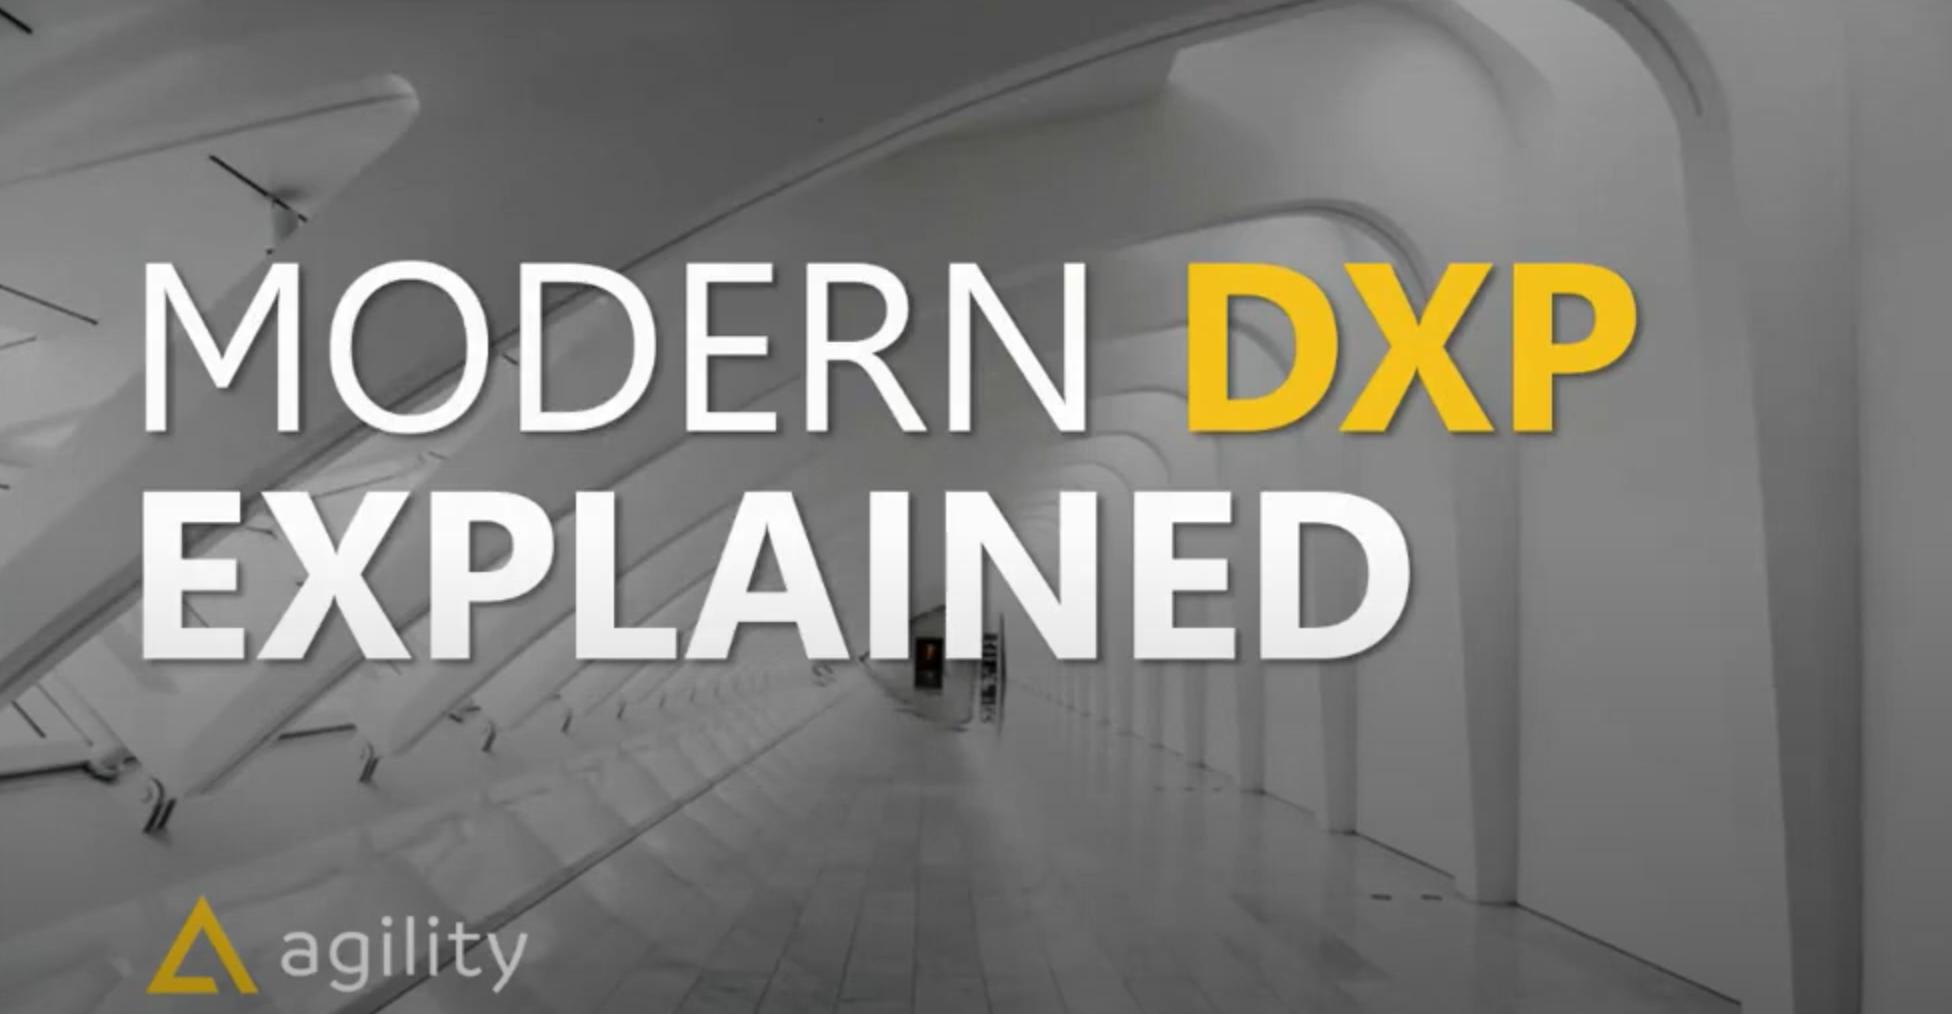 Modern dxp explained on agilitycms.com